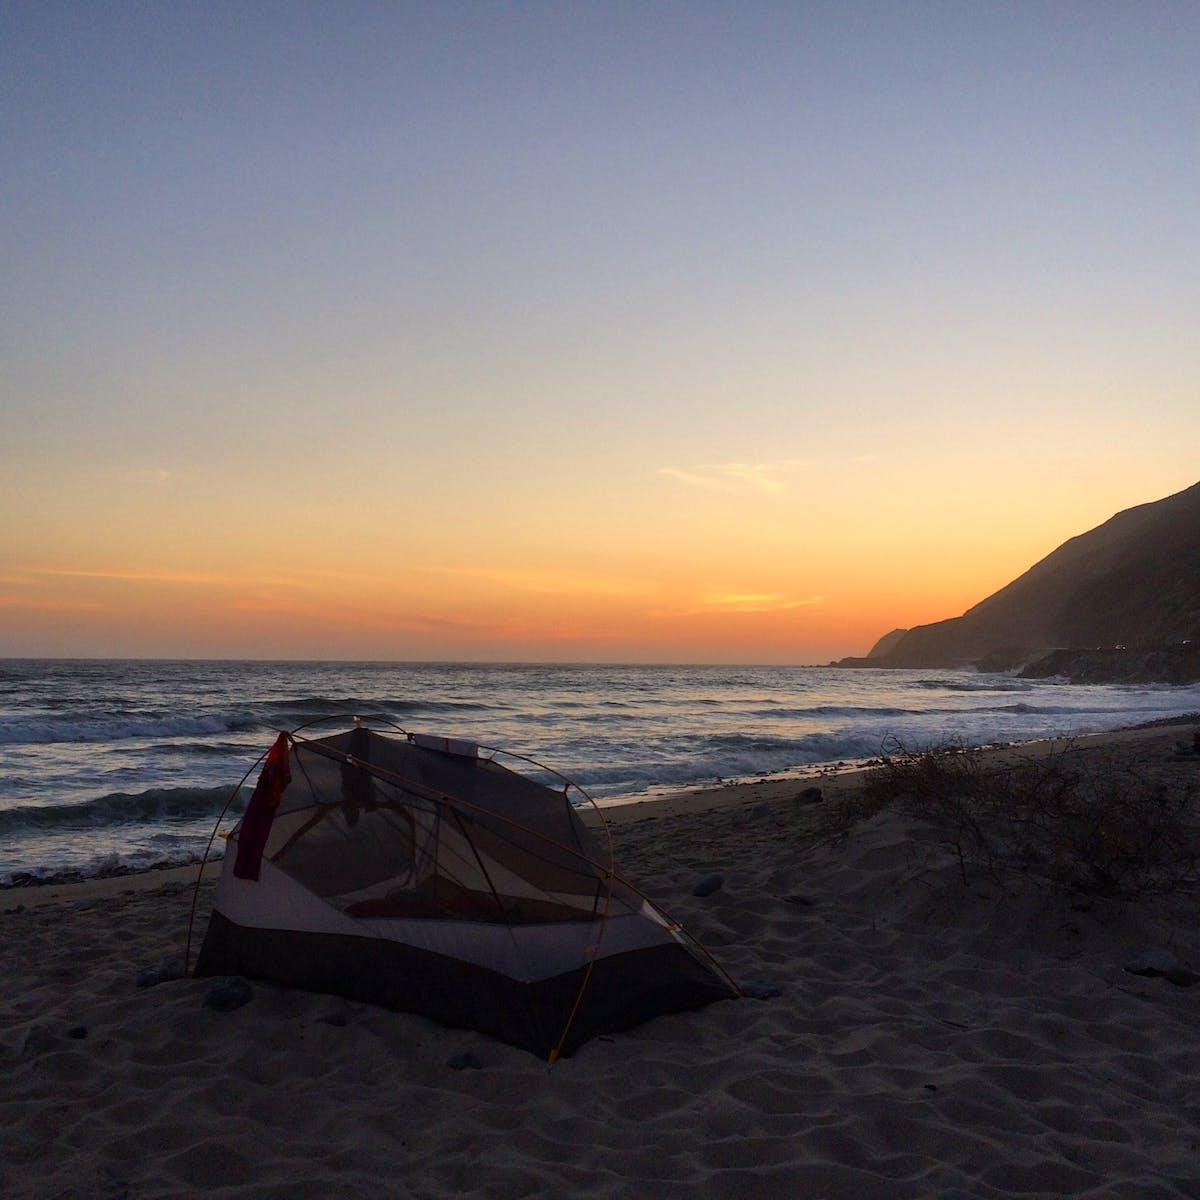 point mugu campgrounds in california